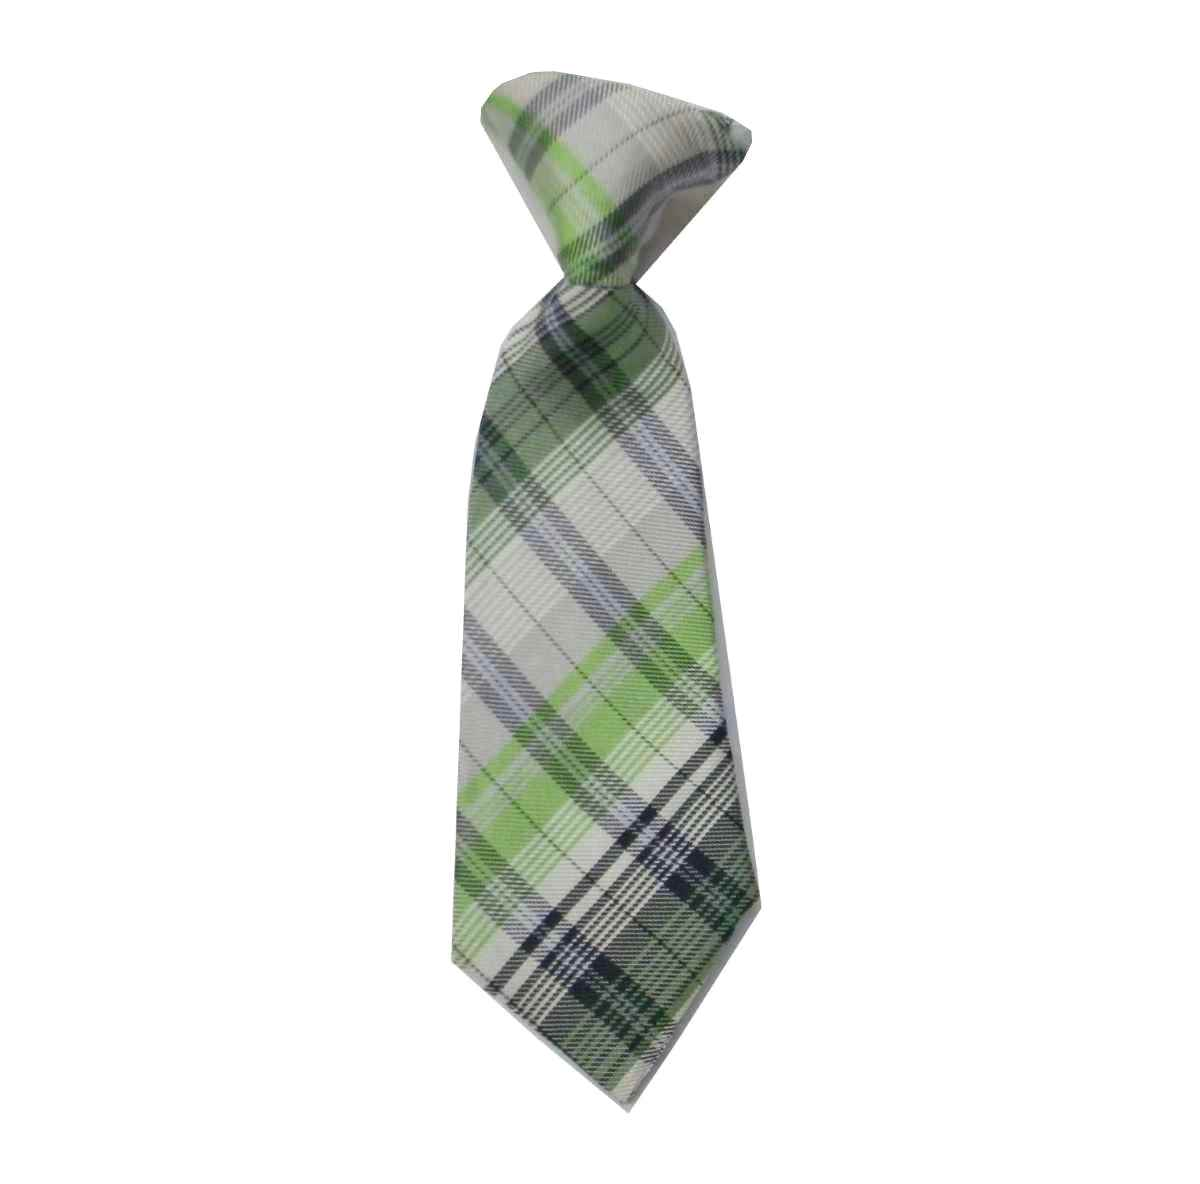 Cravatta-da-bambino-a-quadri-con-elastico-bimbo-battesimo-fino-3-anni-pura-seta